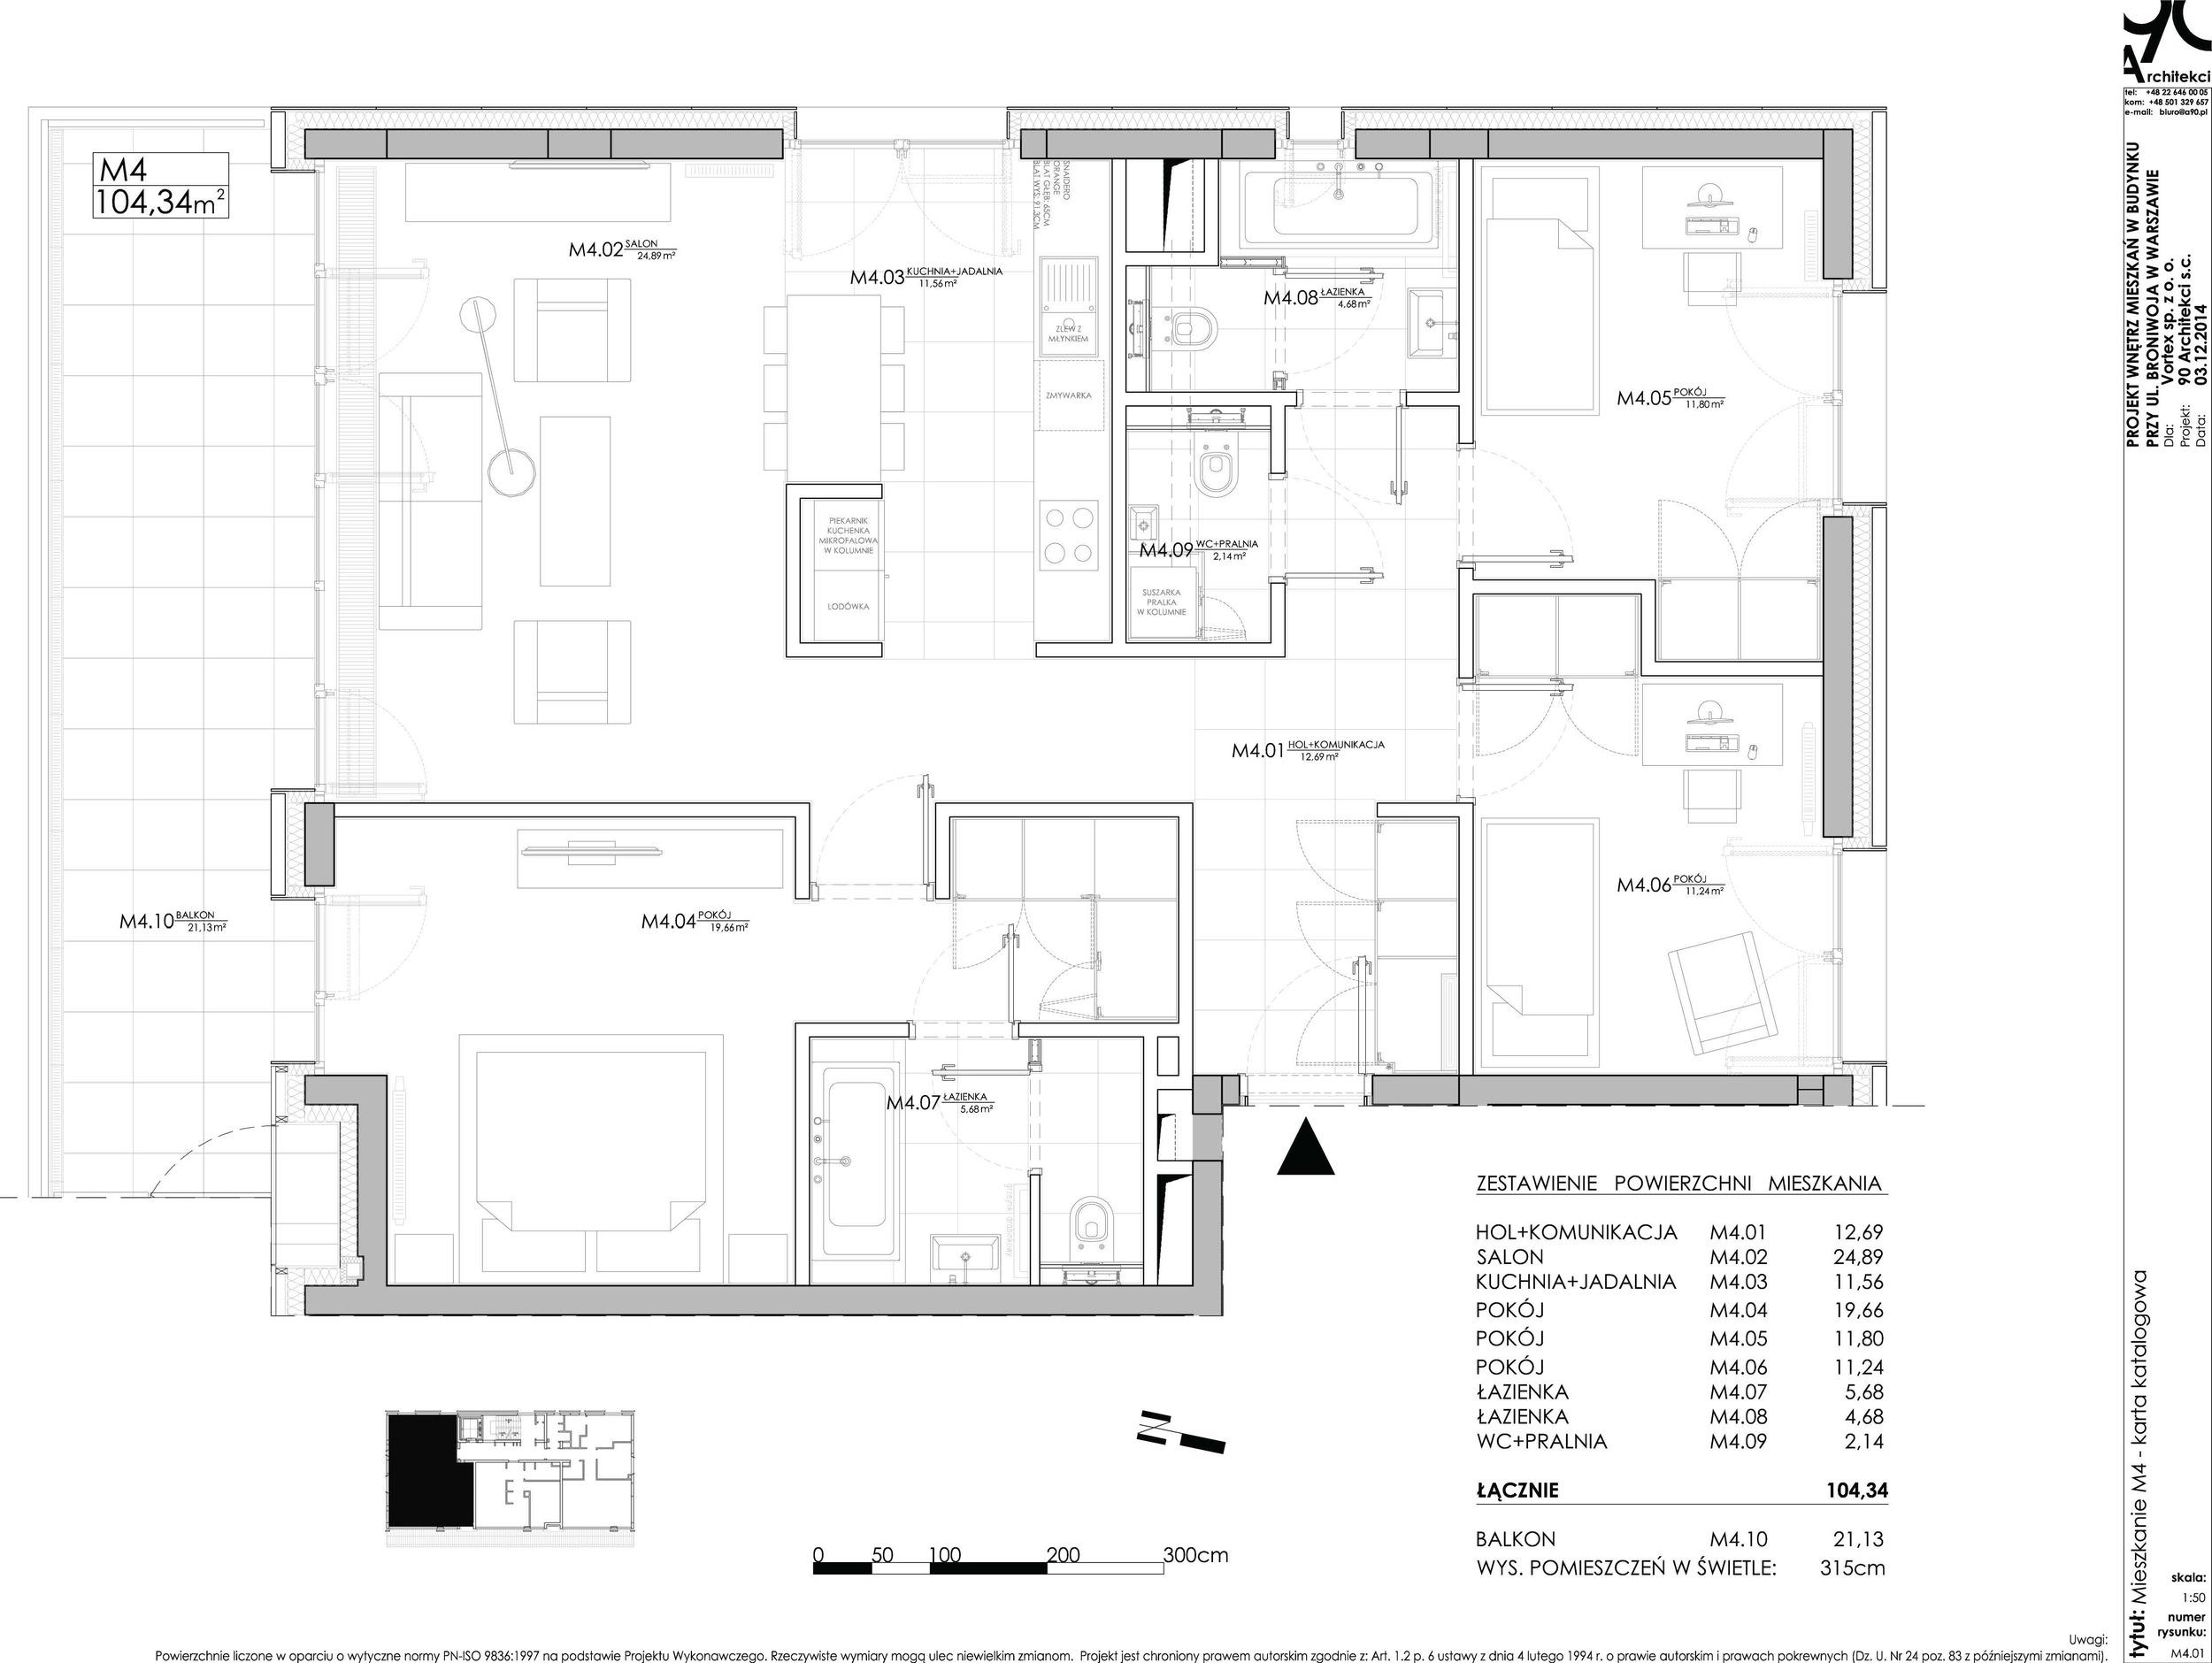 M4 Broniwoja 5 Schematic Download Pdf